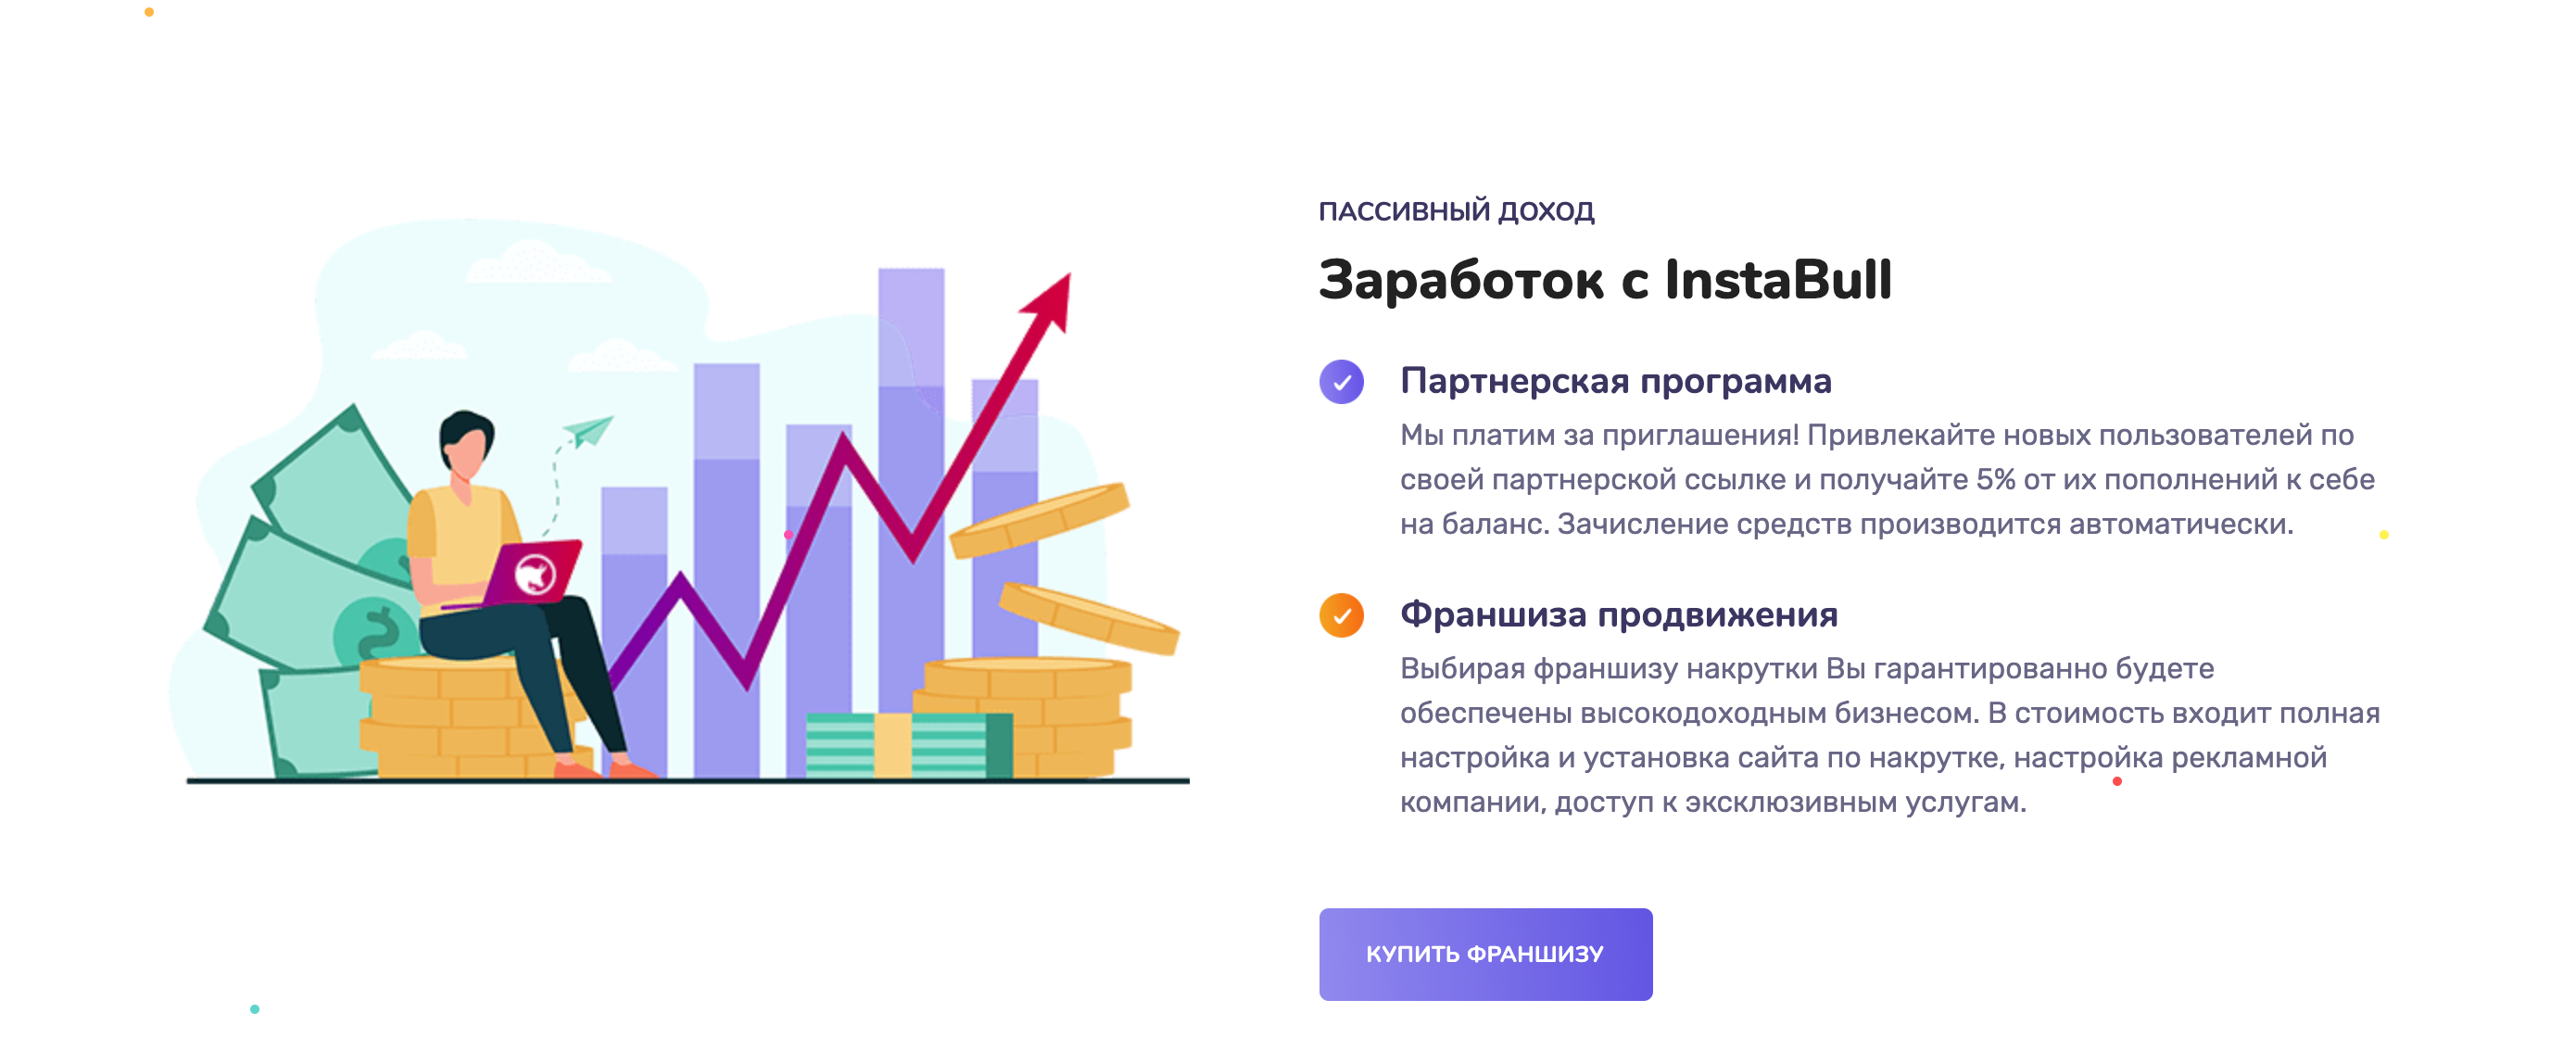 «InstaBull» – лучший сервис для накрутки в социальных сетях!